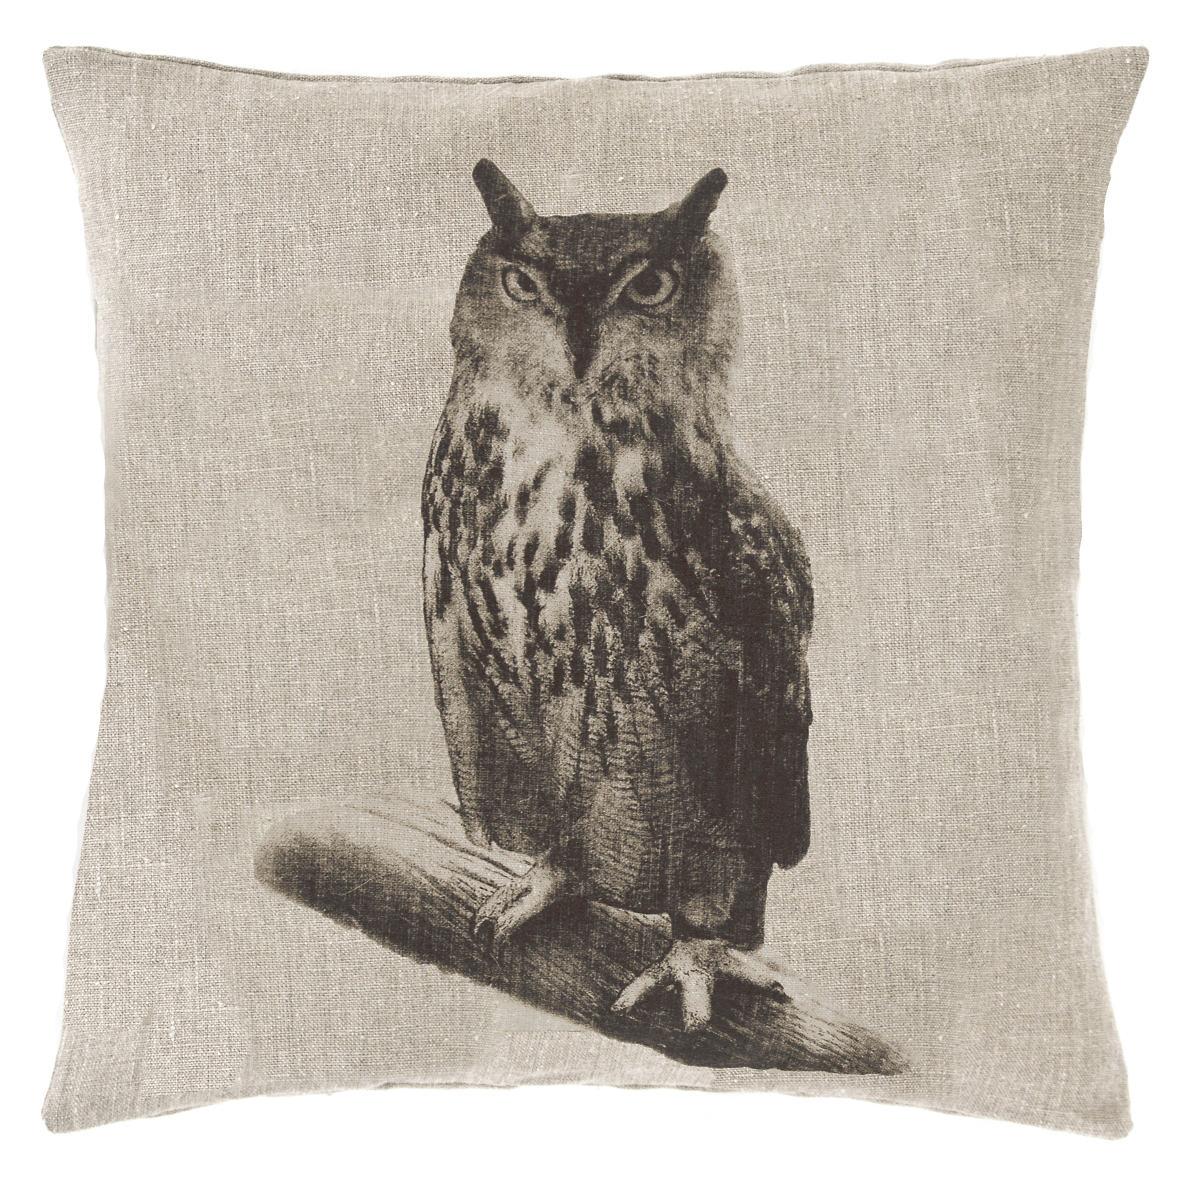 Hoot Decorative Pillow